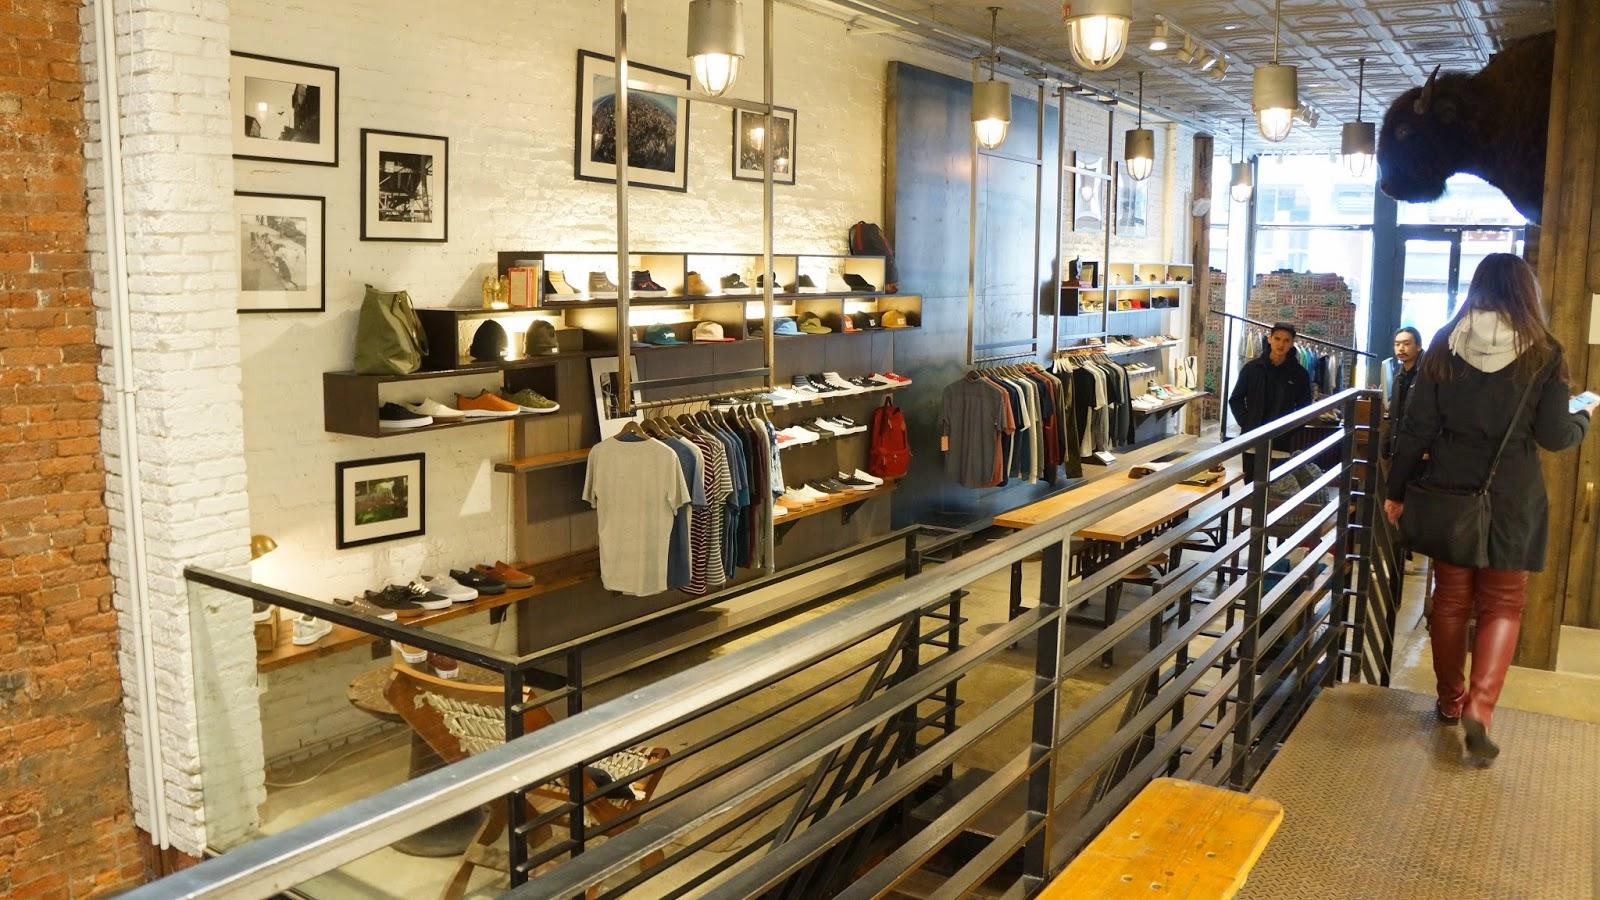 guia de compras nyc DQM 2 - Guia de compras: Nova Iorque (Parte 2)